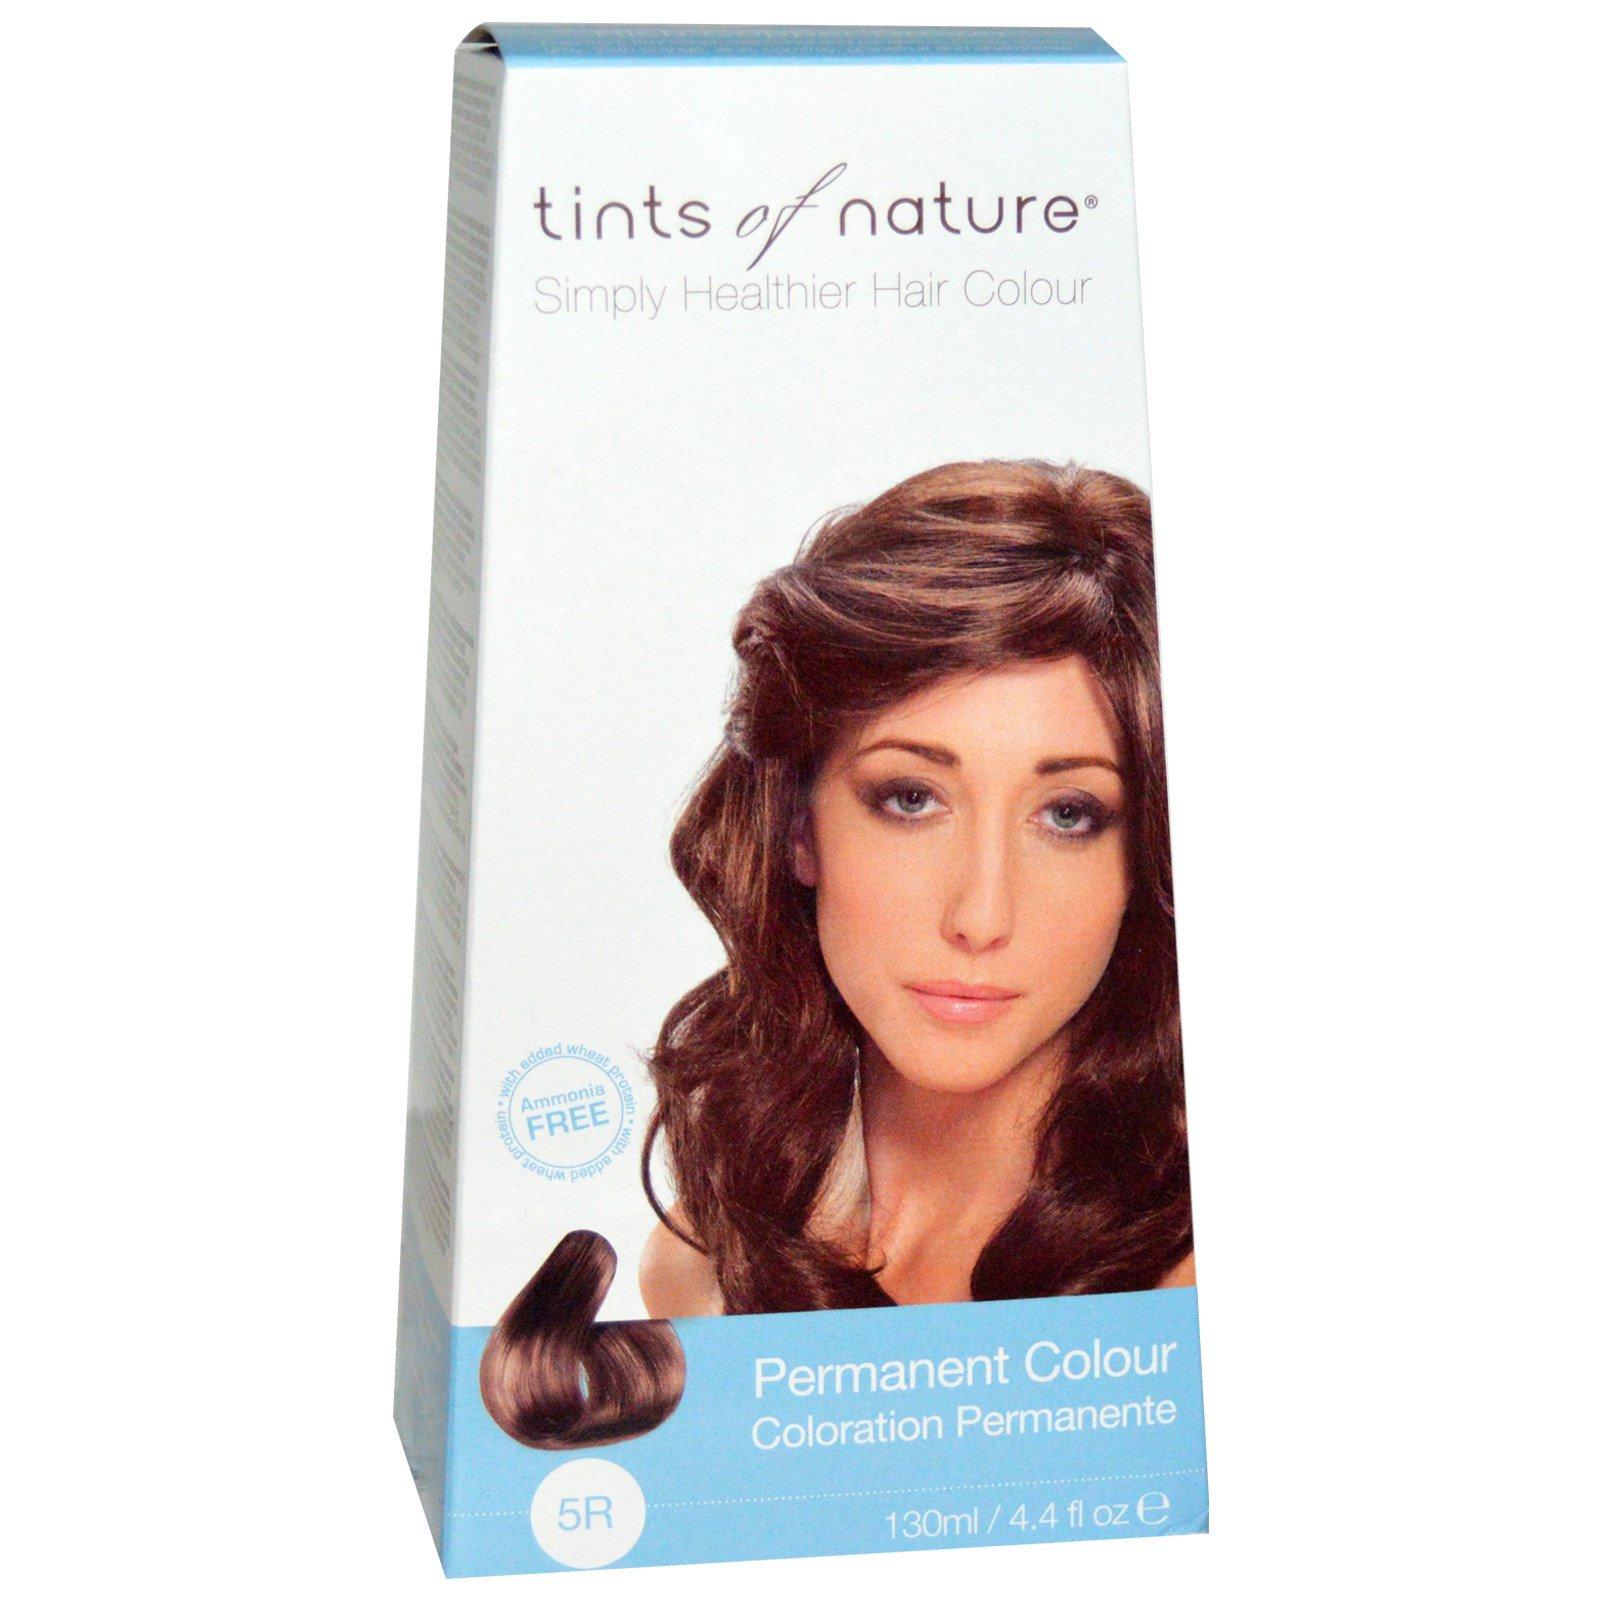 Tints of Nature, Перманентная краска для волос,  насыщенный медно-коричневый оттенок, 5R, 4.4 жидкие унции (130 мл)